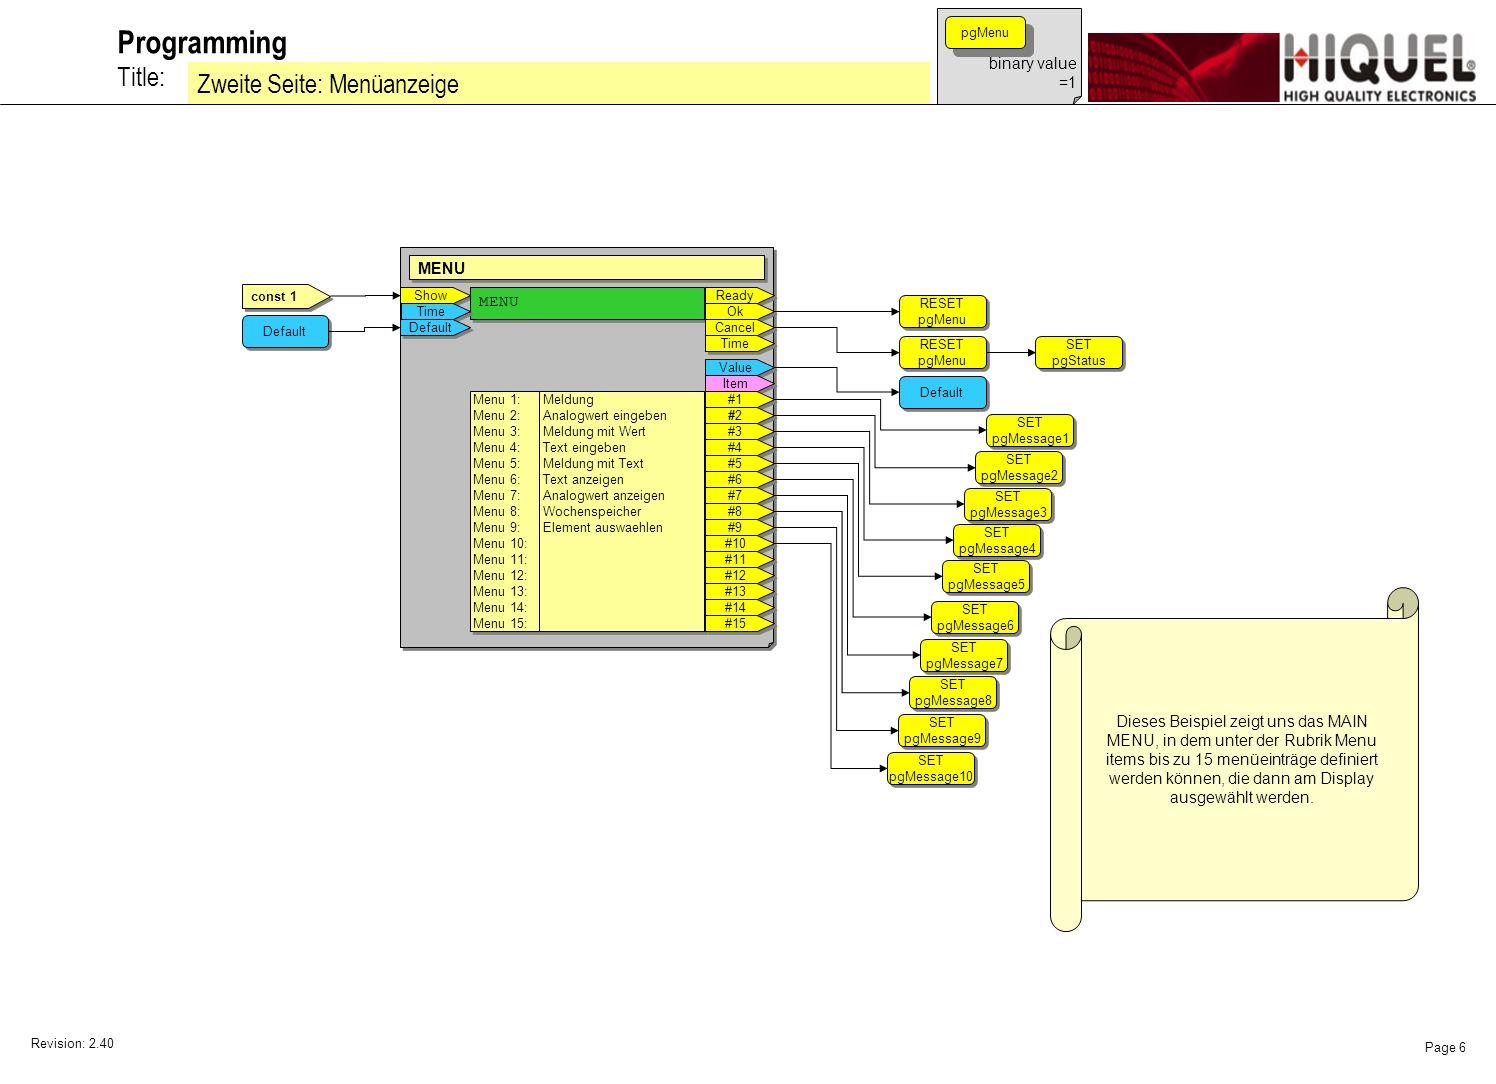 Revision: 2.40 Page 7 Title: Programming Dritte Seite: Meldung anzeigen binary value =1 pgMessage1 Show SHOW MESSAGE Das ist die zweite Terminal Meldung!!!.